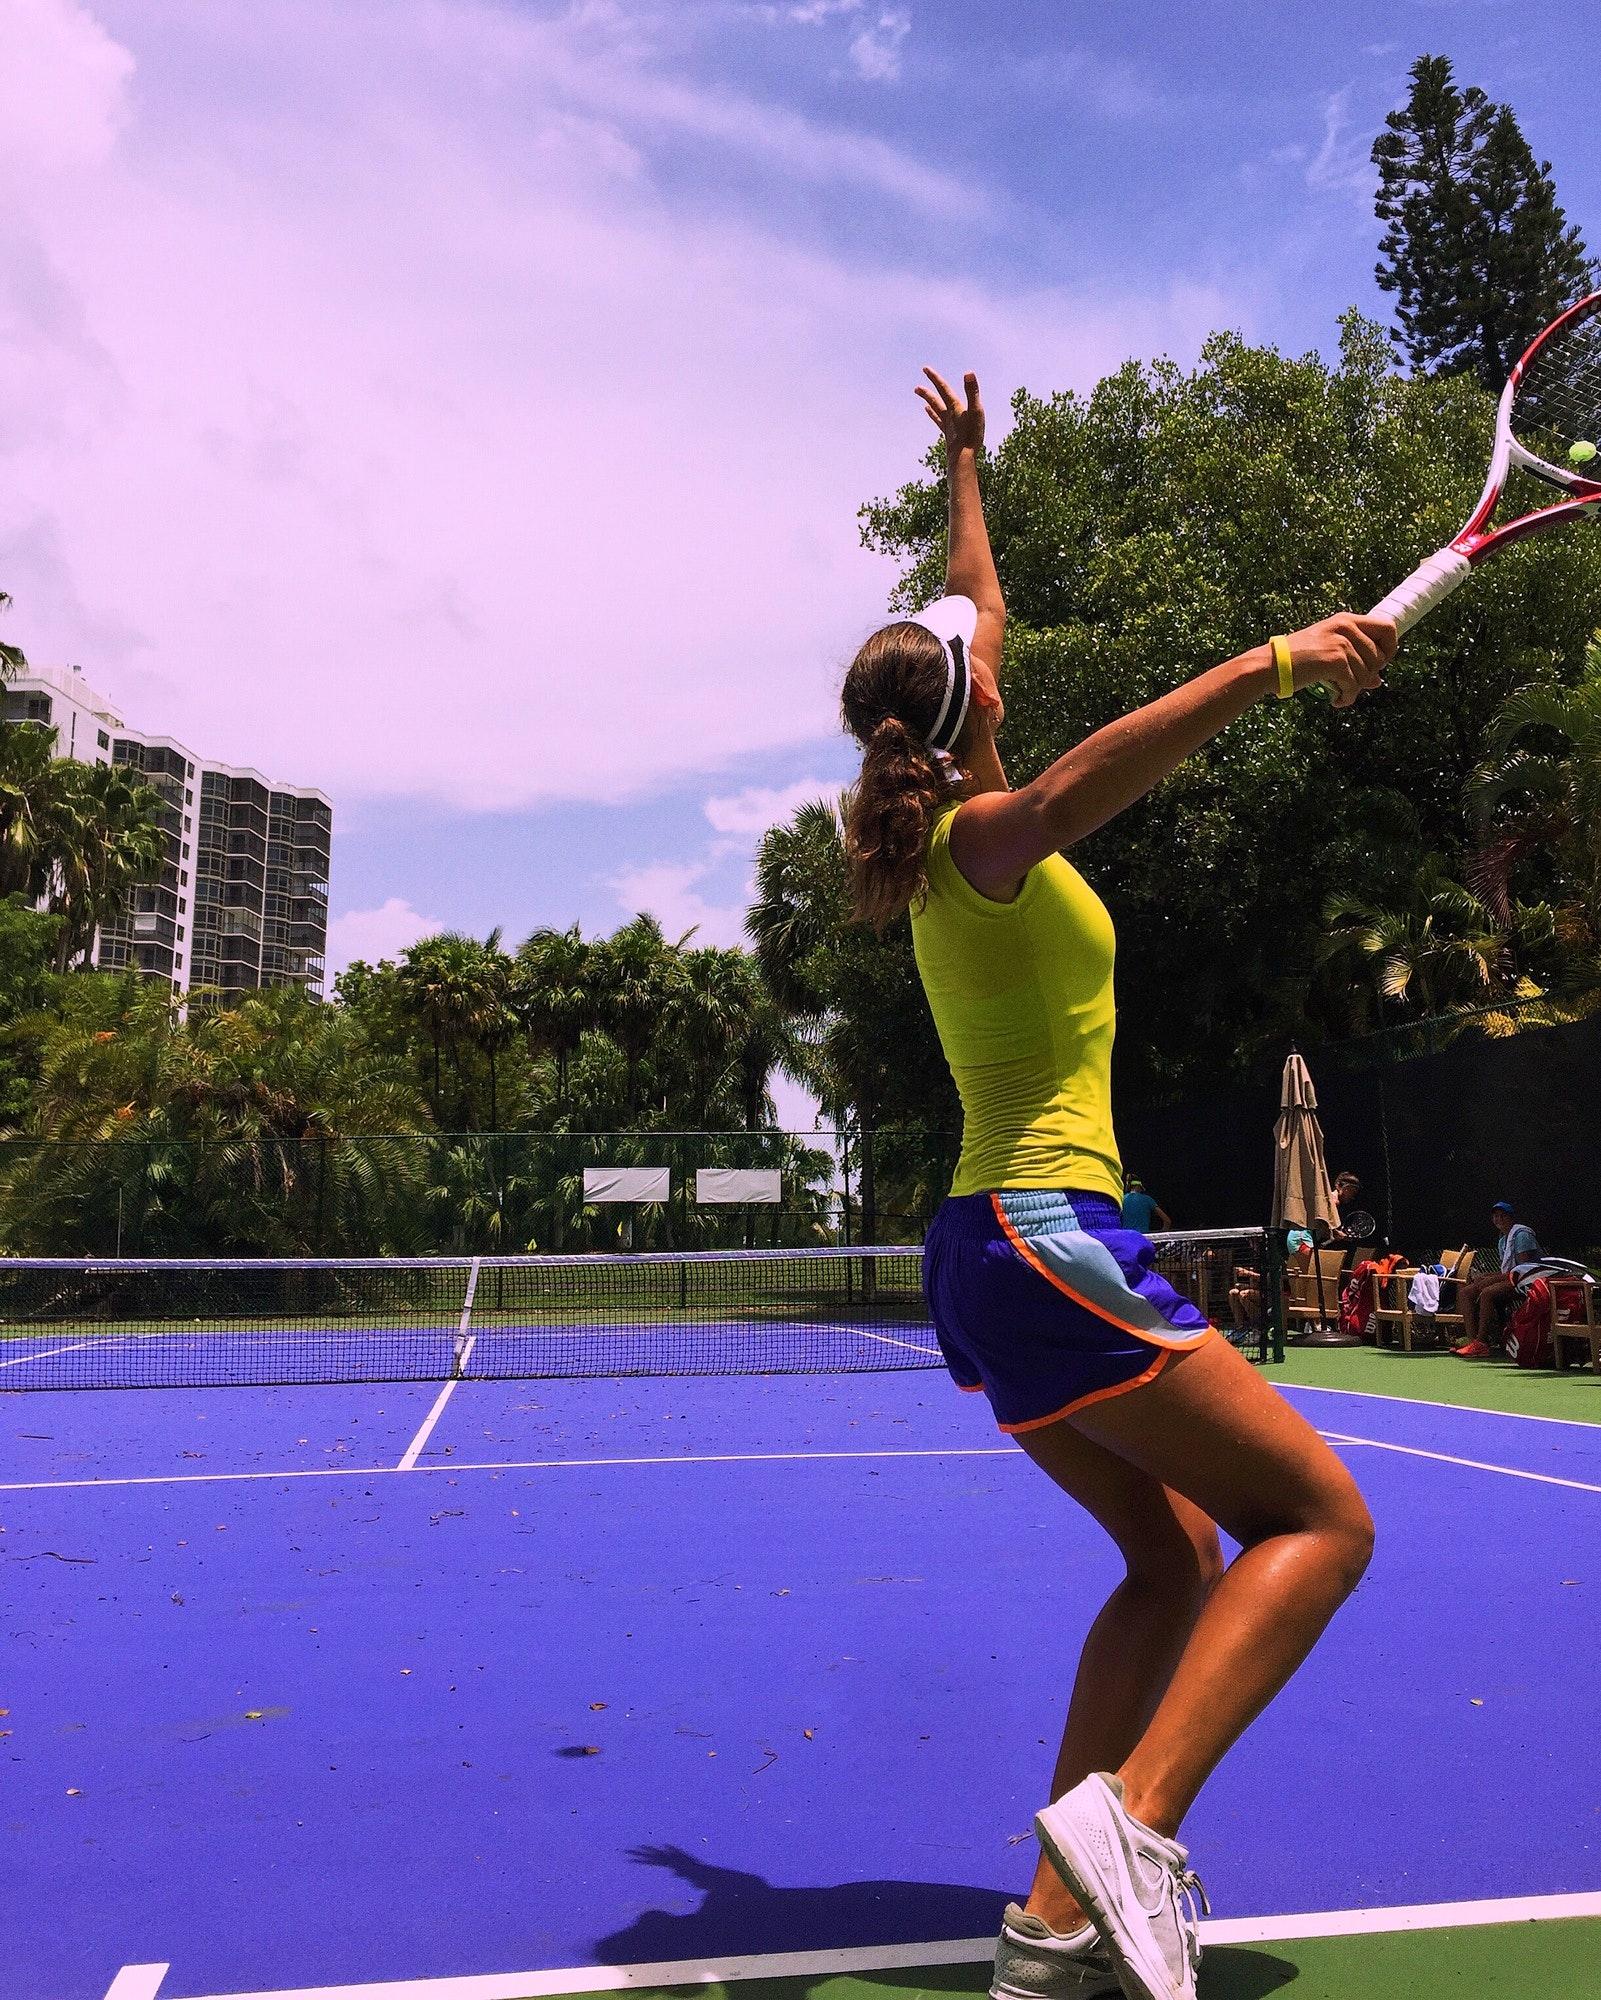 Arina S. teaches tennis lessons in Sunny Isles Beach, FL